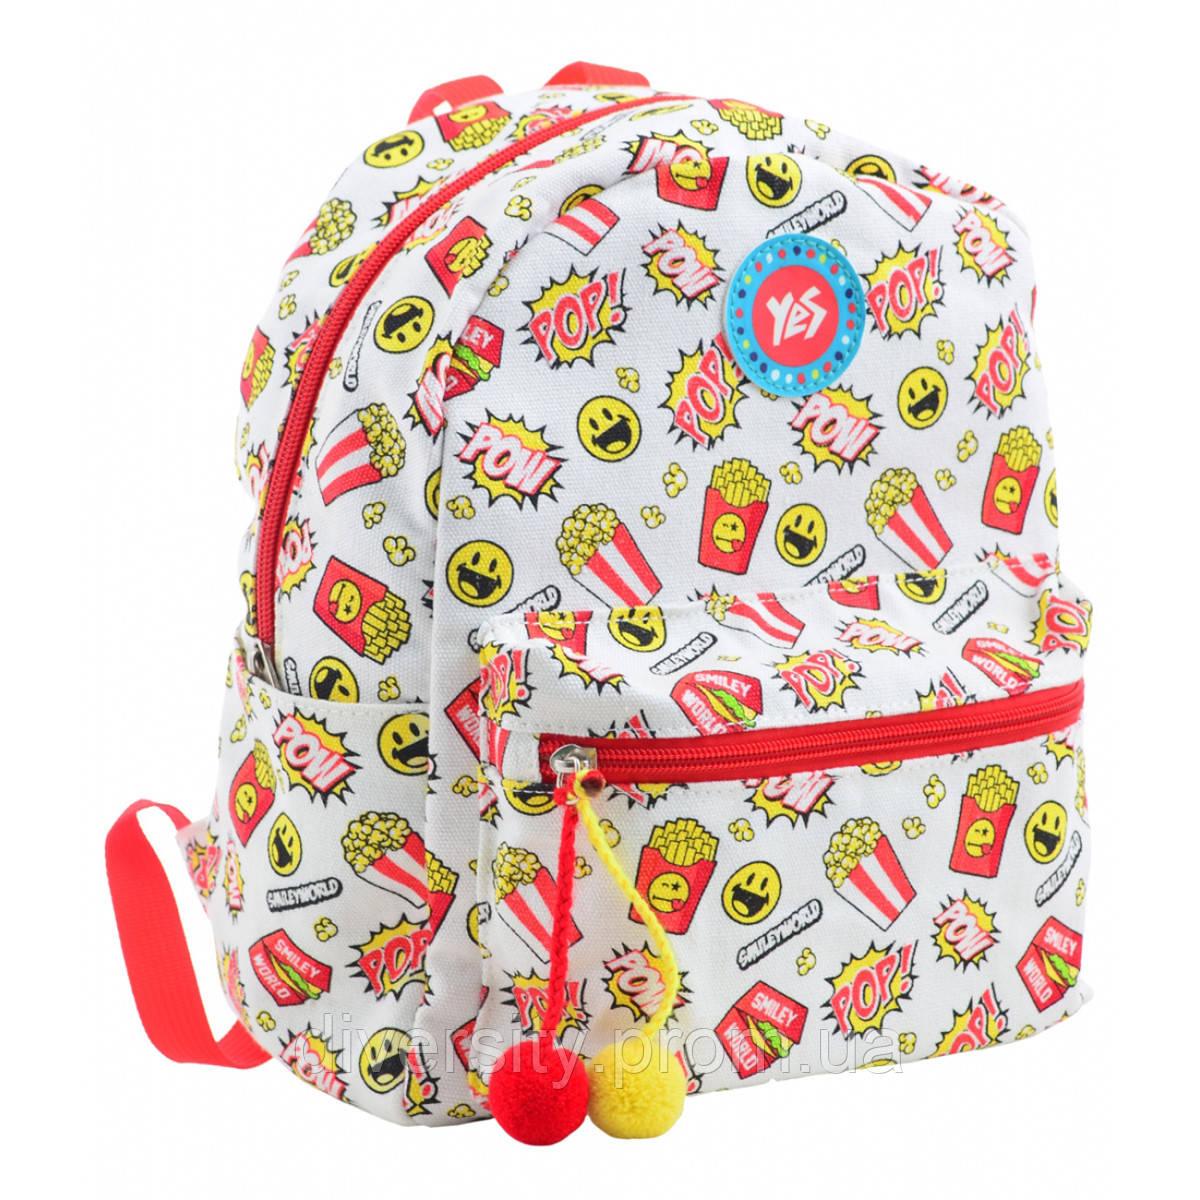 Молодежный рюкзак YES  ST-32 POW, 28*22*12